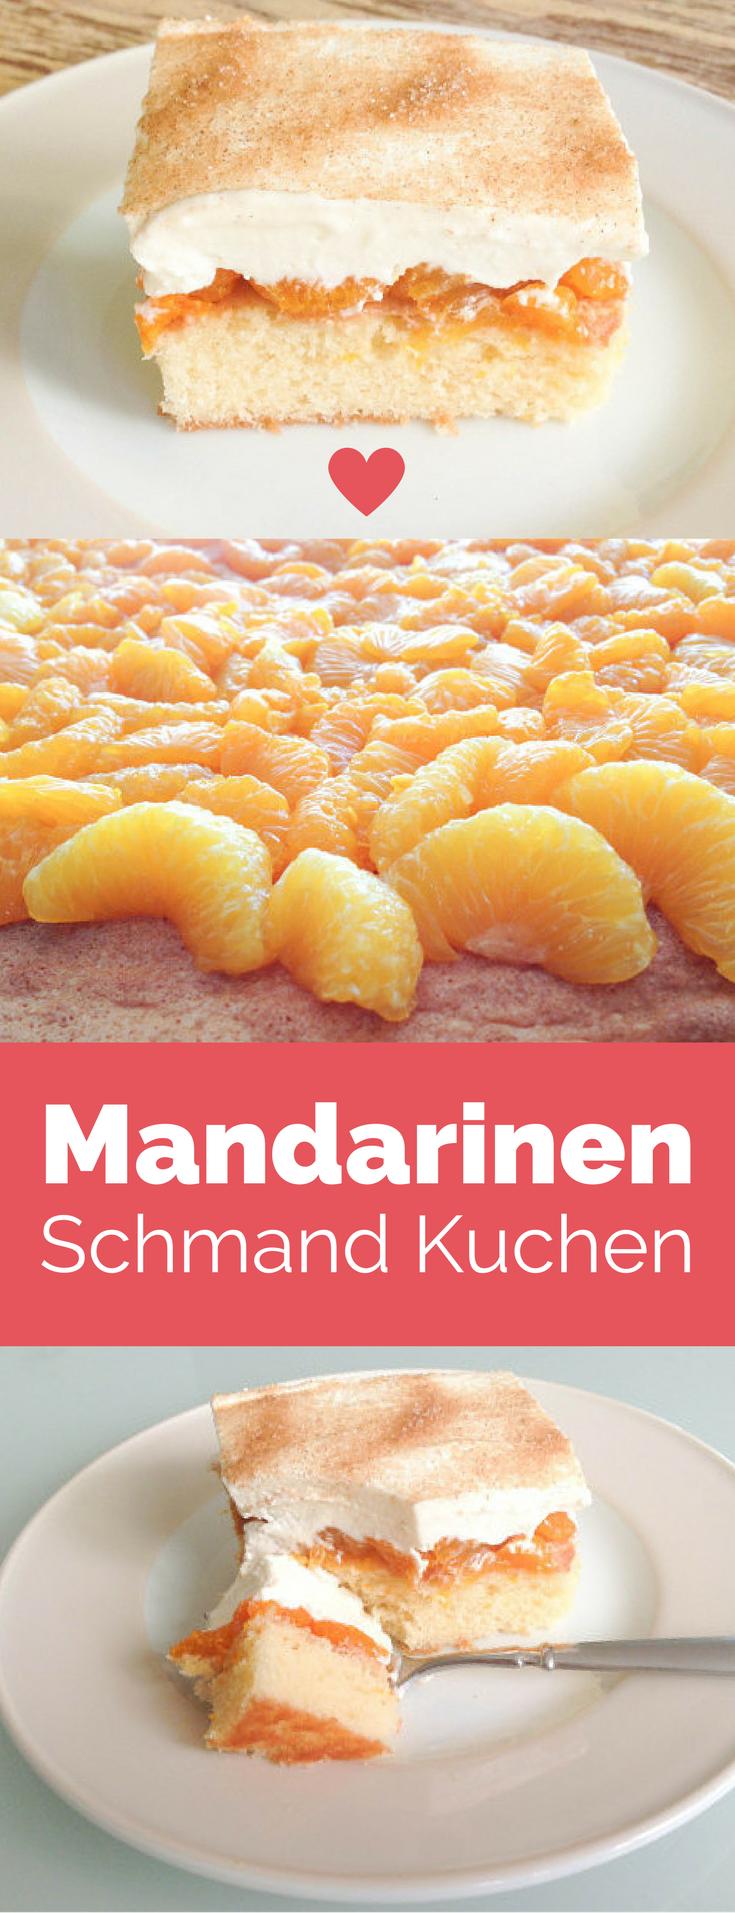 mandarinen schmand kuchen herbst rezepte mandarinen. Black Bedroom Furniture Sets. Home Design Ideas